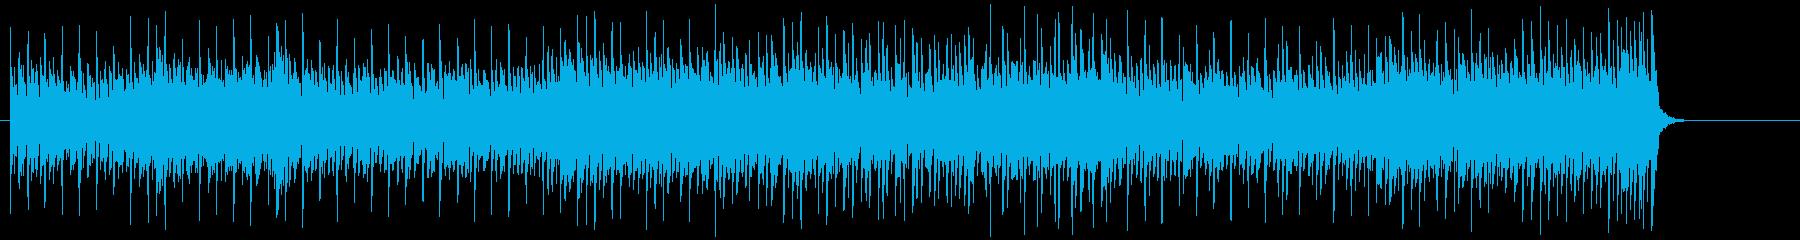 アダルトなスリル感あふれるエレクトリックの再生済みの波形